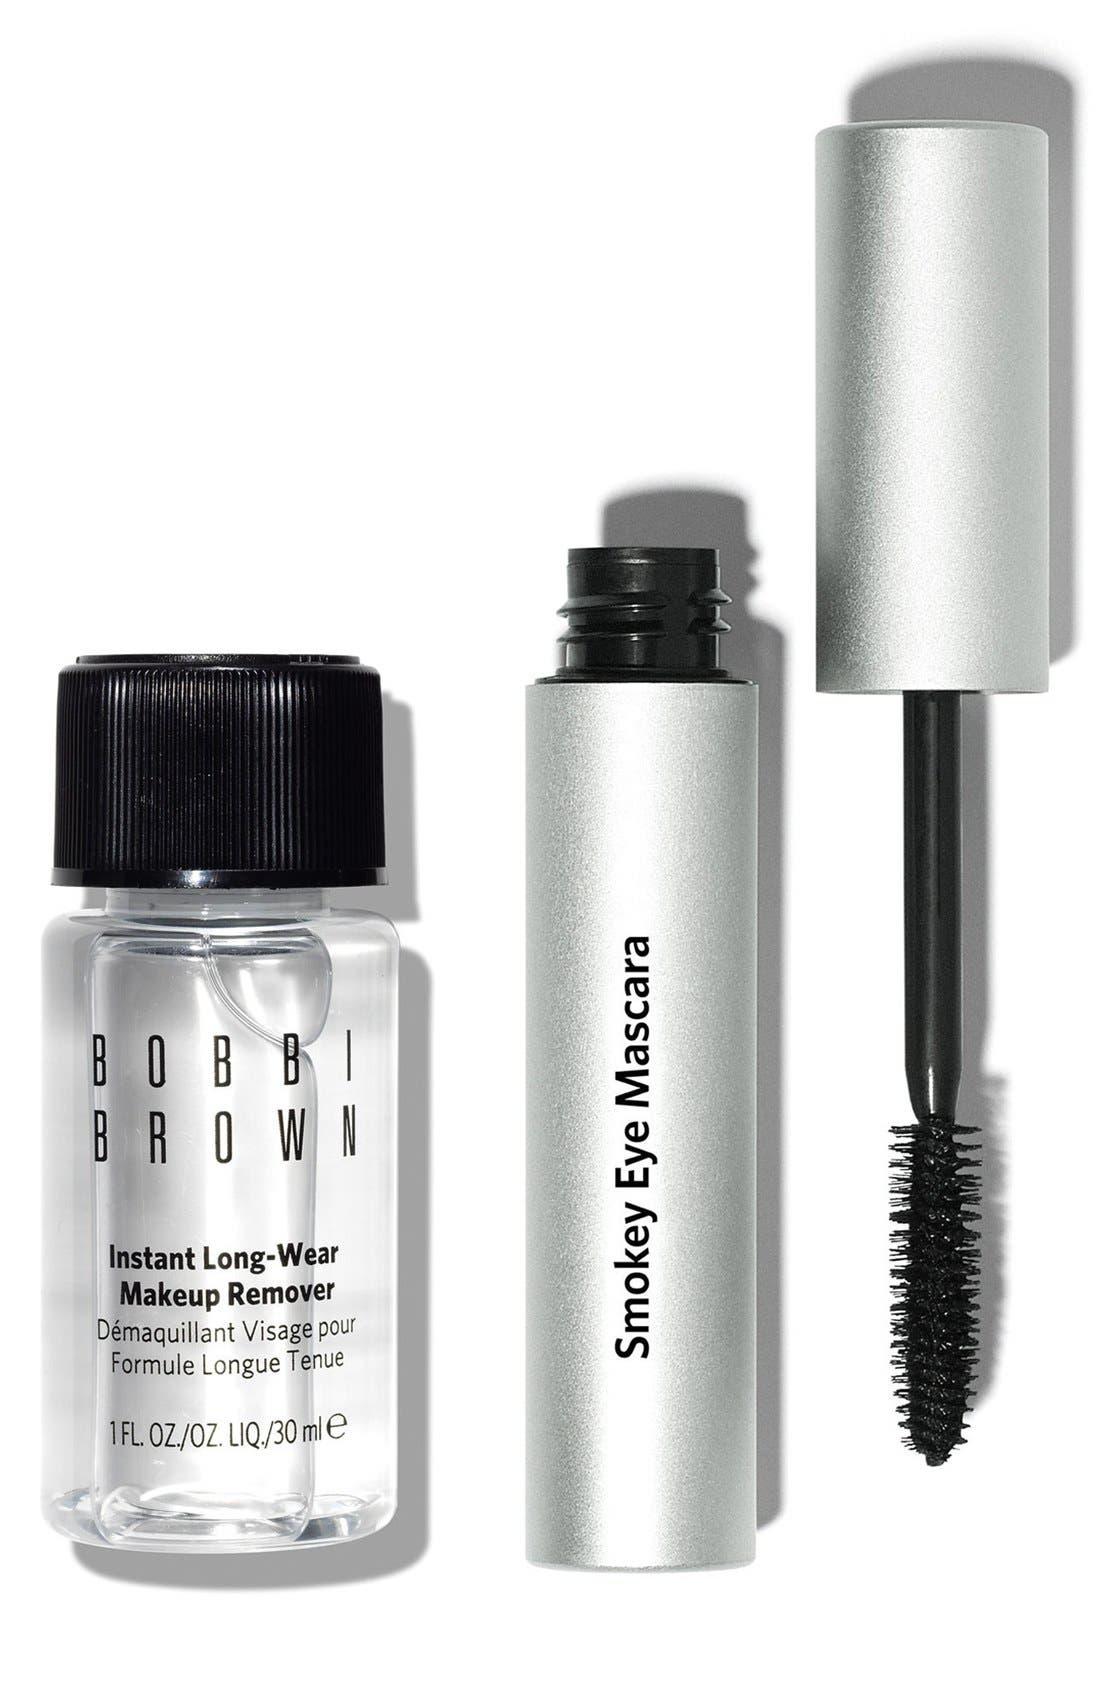 Bobbi Brown Smokey Eye Mascara Set ($38 Value)